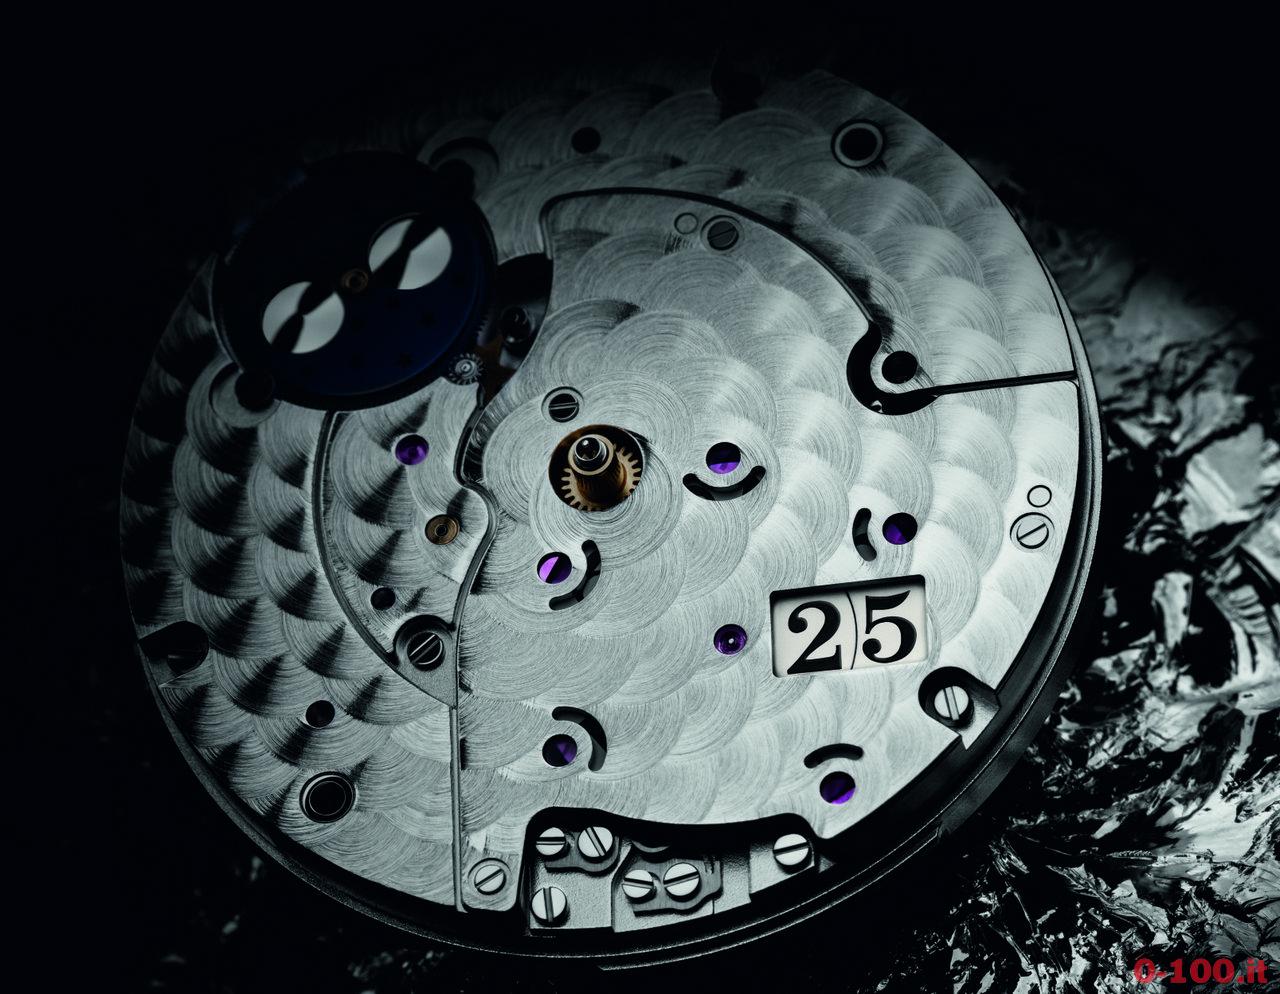 glashutte-original-senator-excellence-data-panoramica-moon-phase-prezzo-price_0-1009